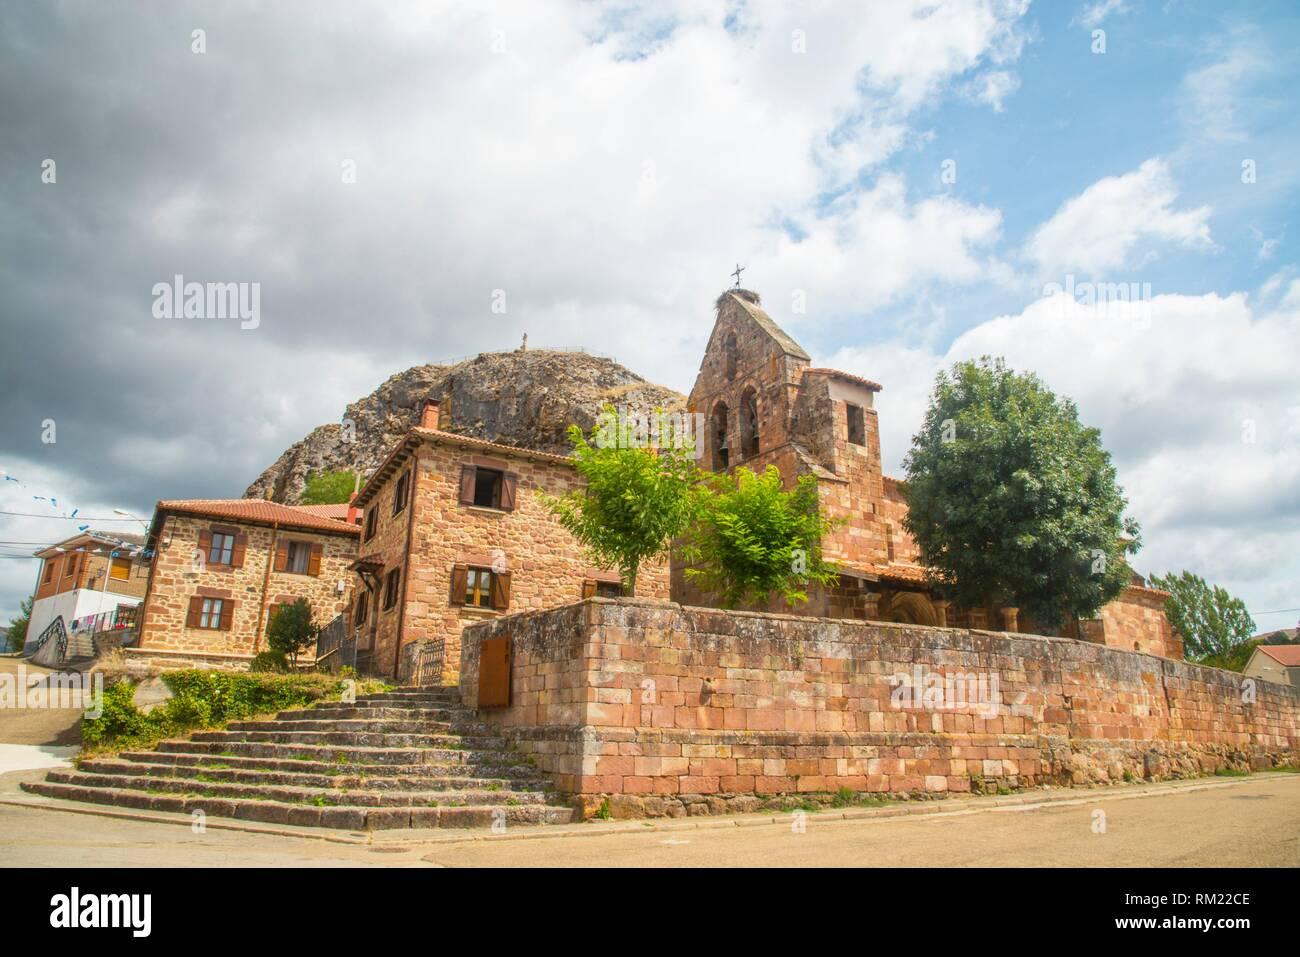 Muda. Palencia province, Castilla Leon, Spain. - Stock Image